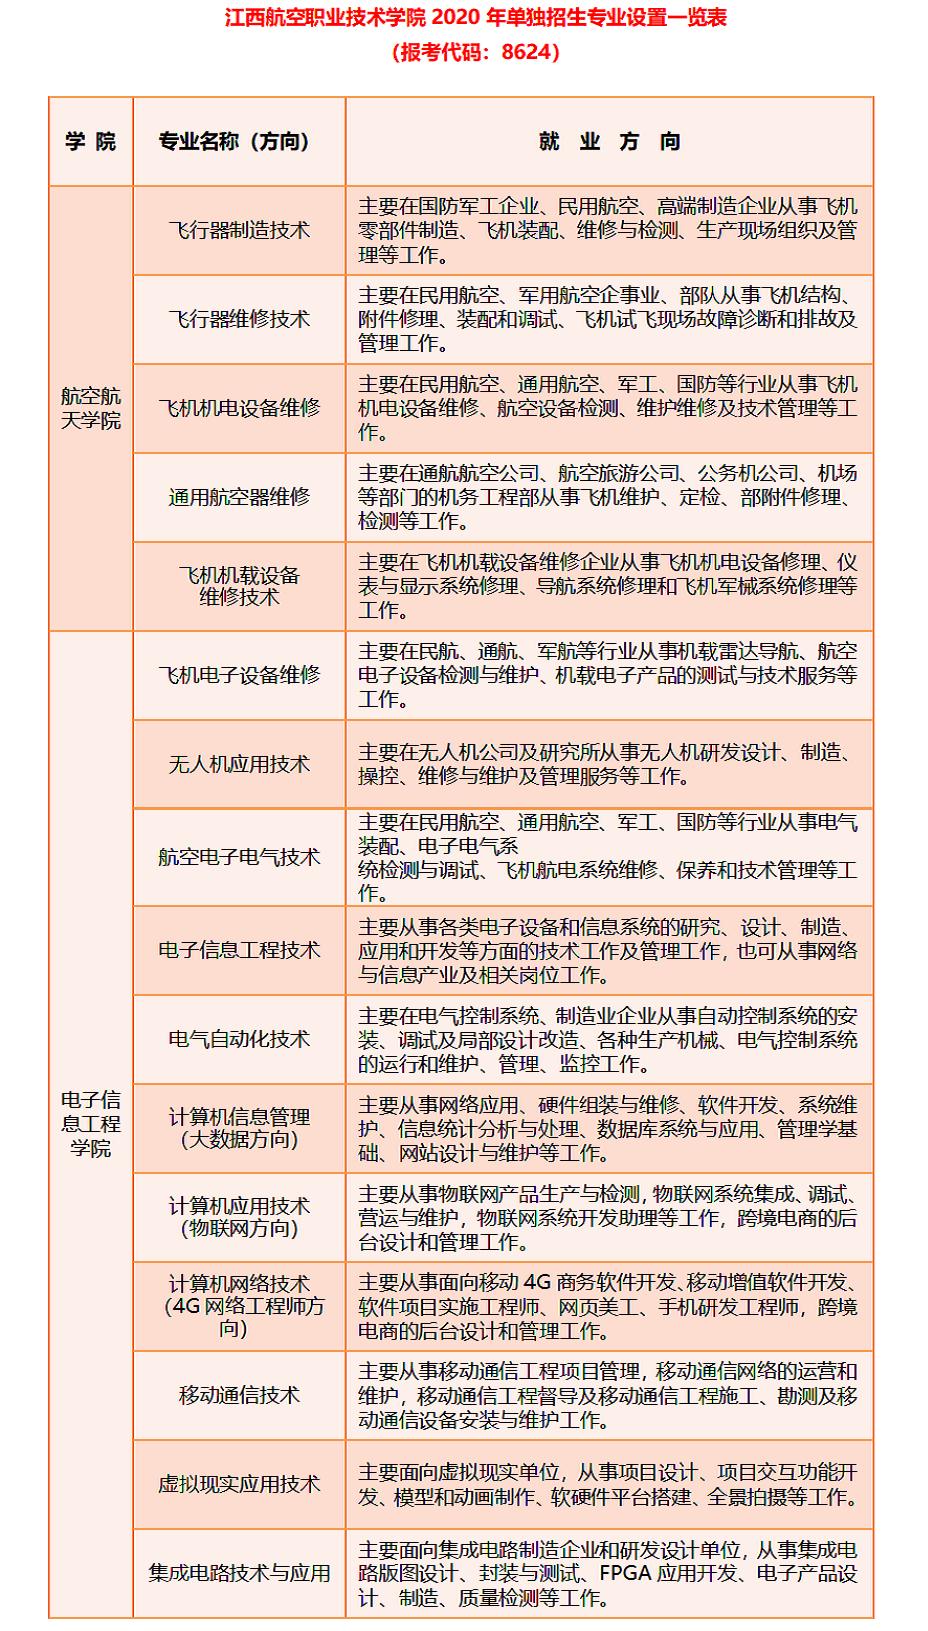 专业一览表1.png